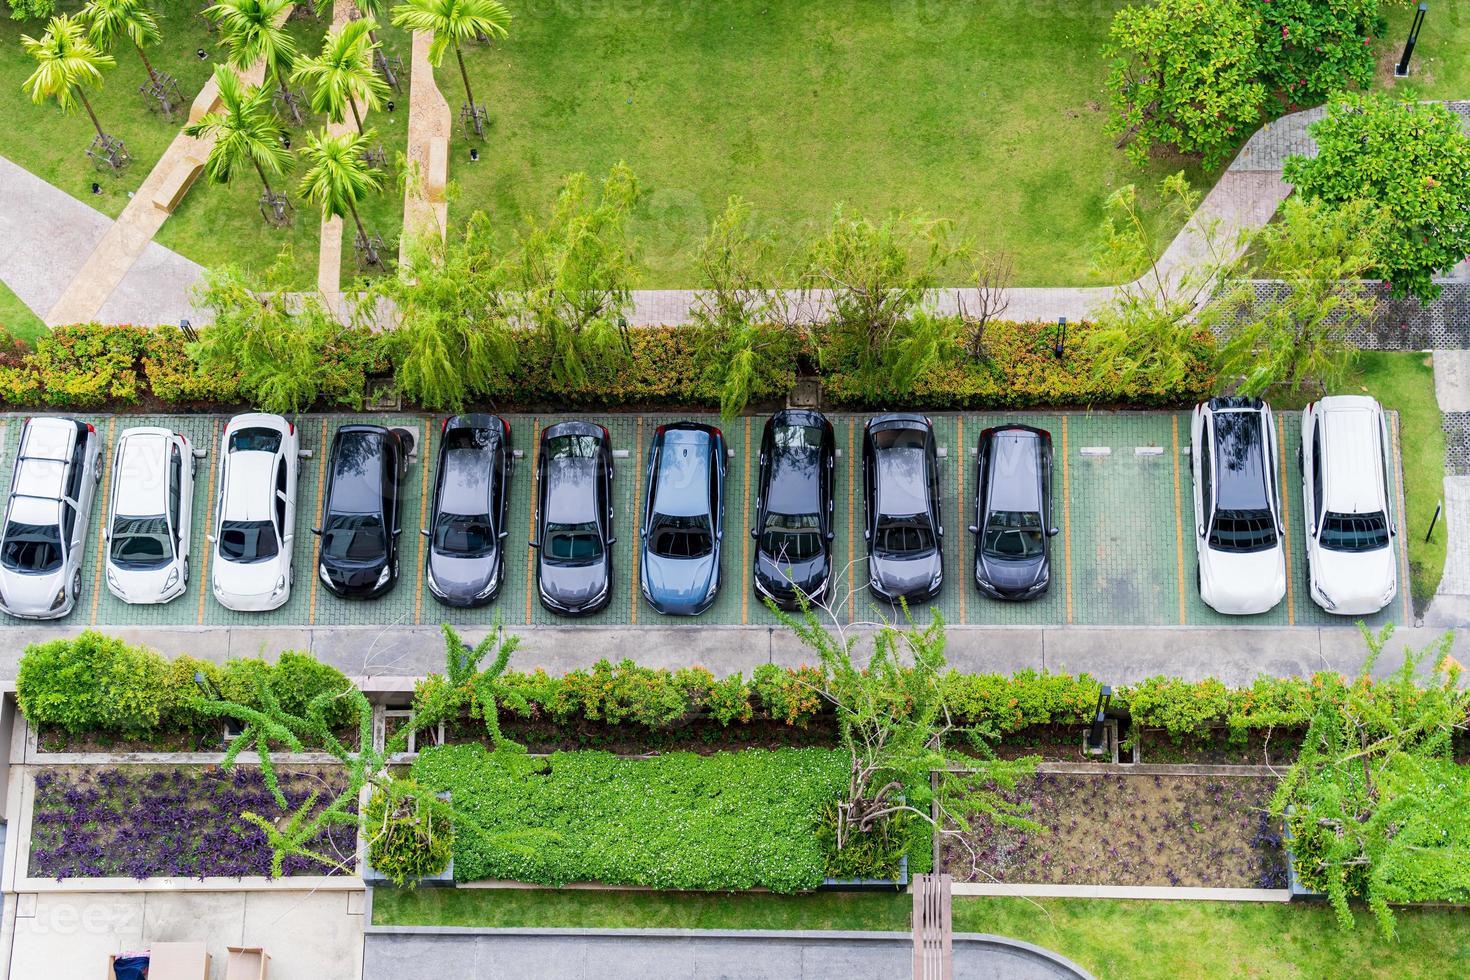 vue aérienne de dessus du parking photo